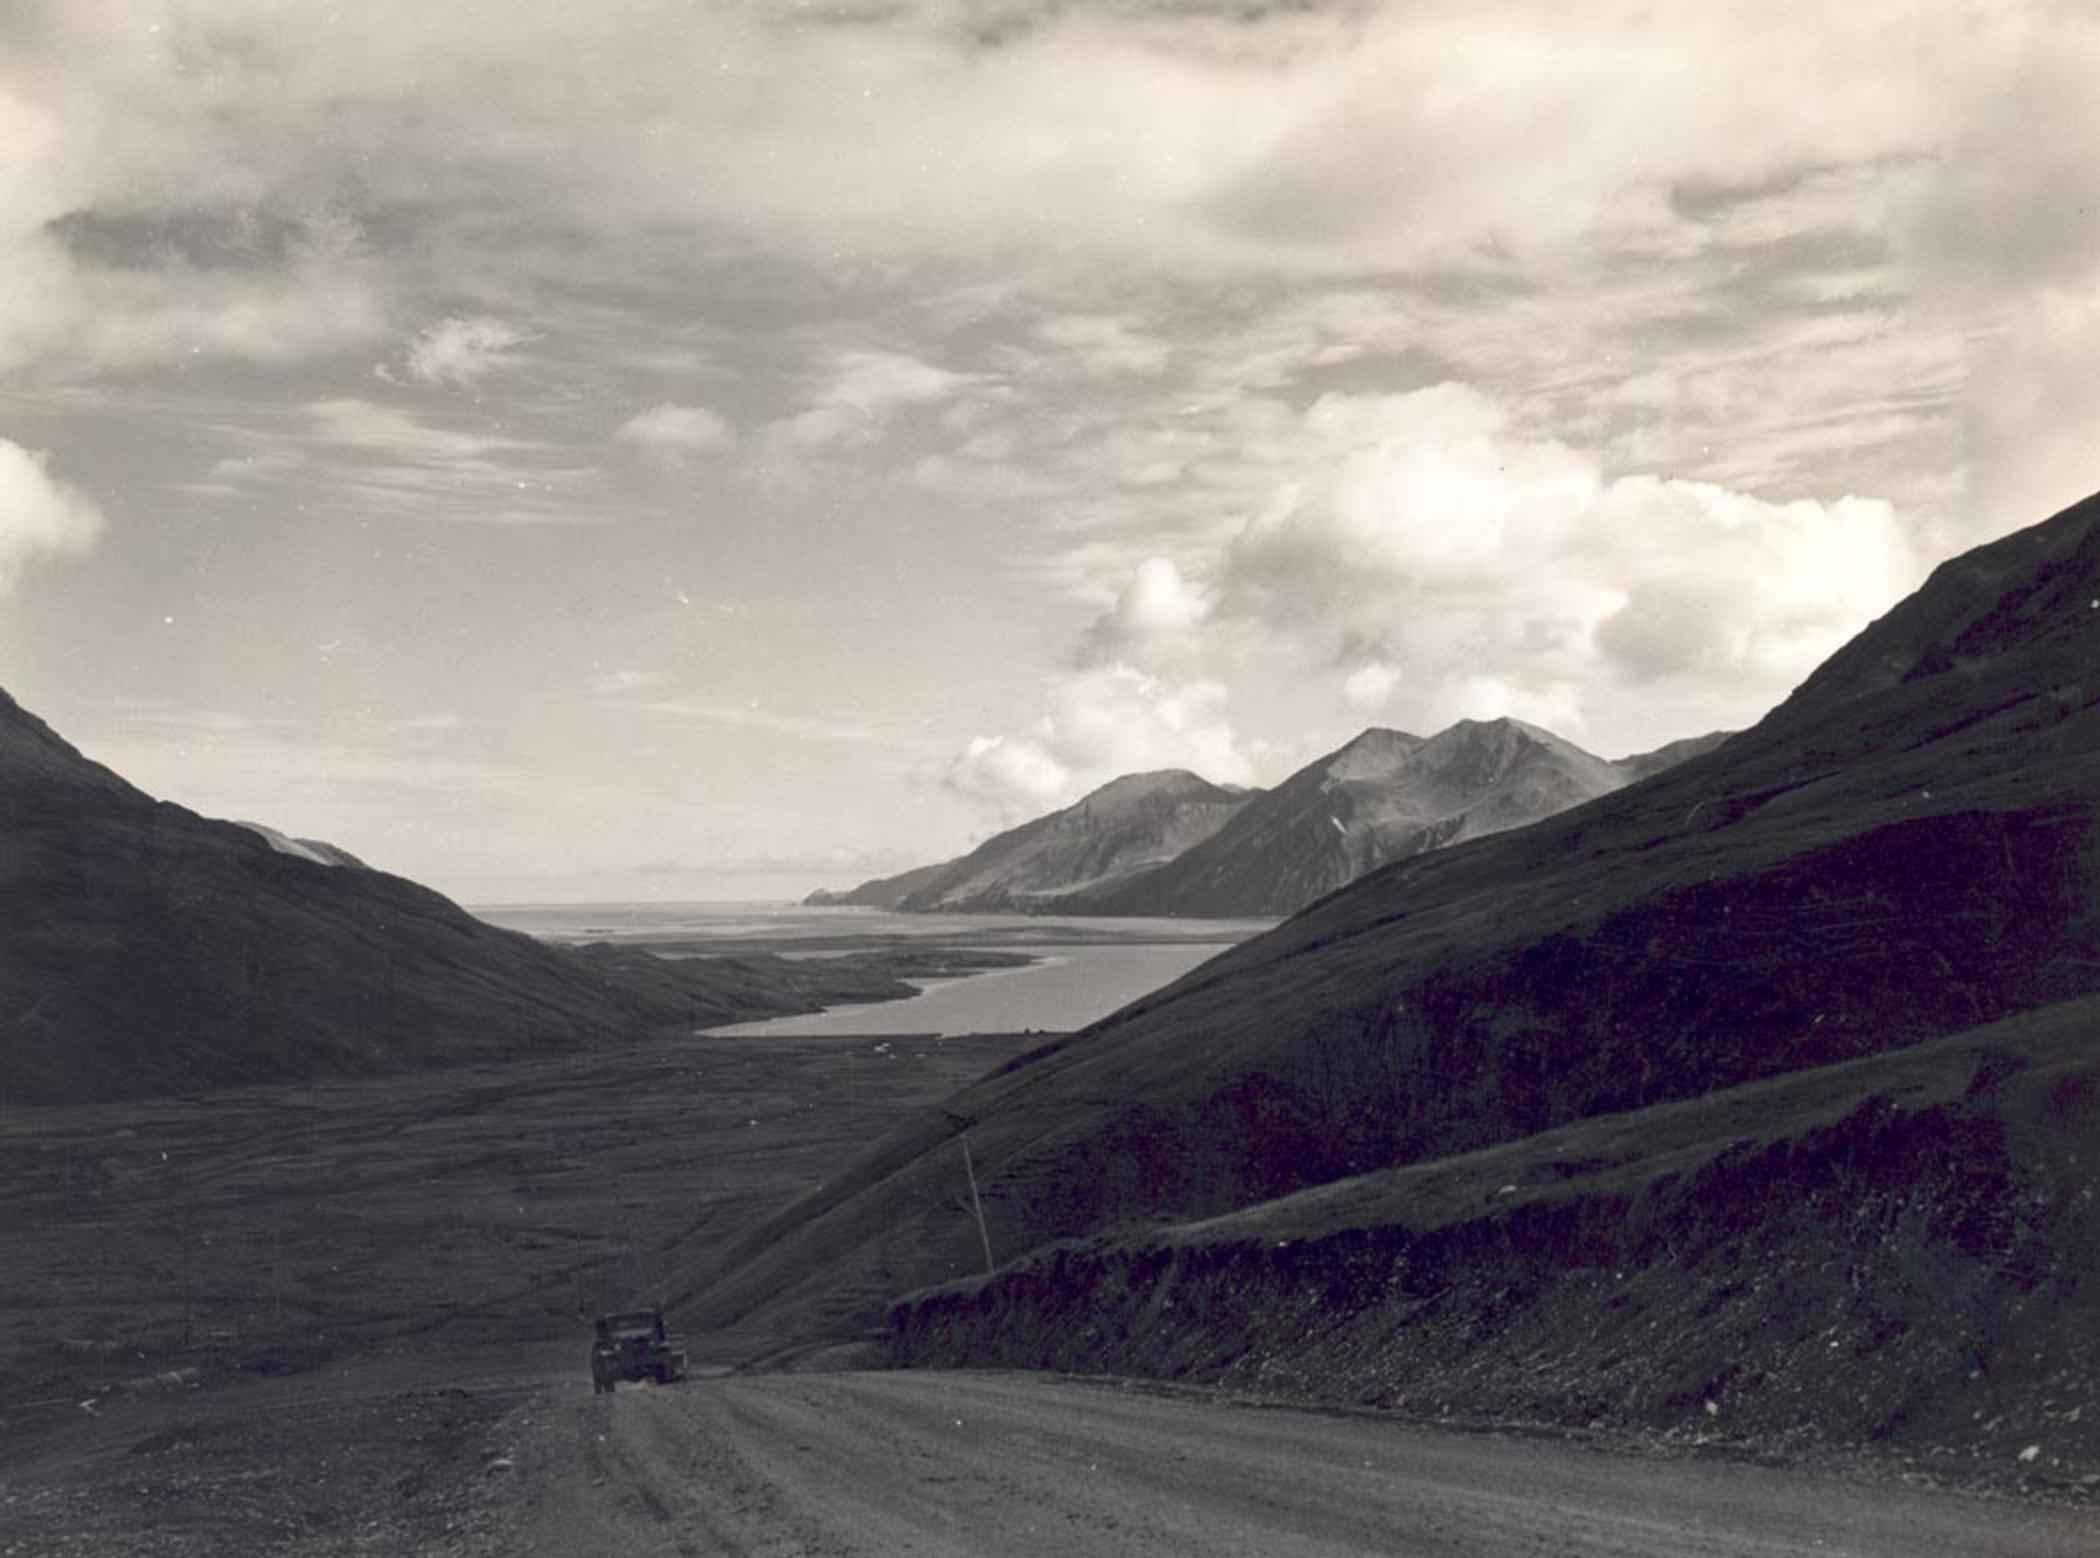 Wallpaper Hd Retro Free Picture Landscape Scenics Vintage Road Photo